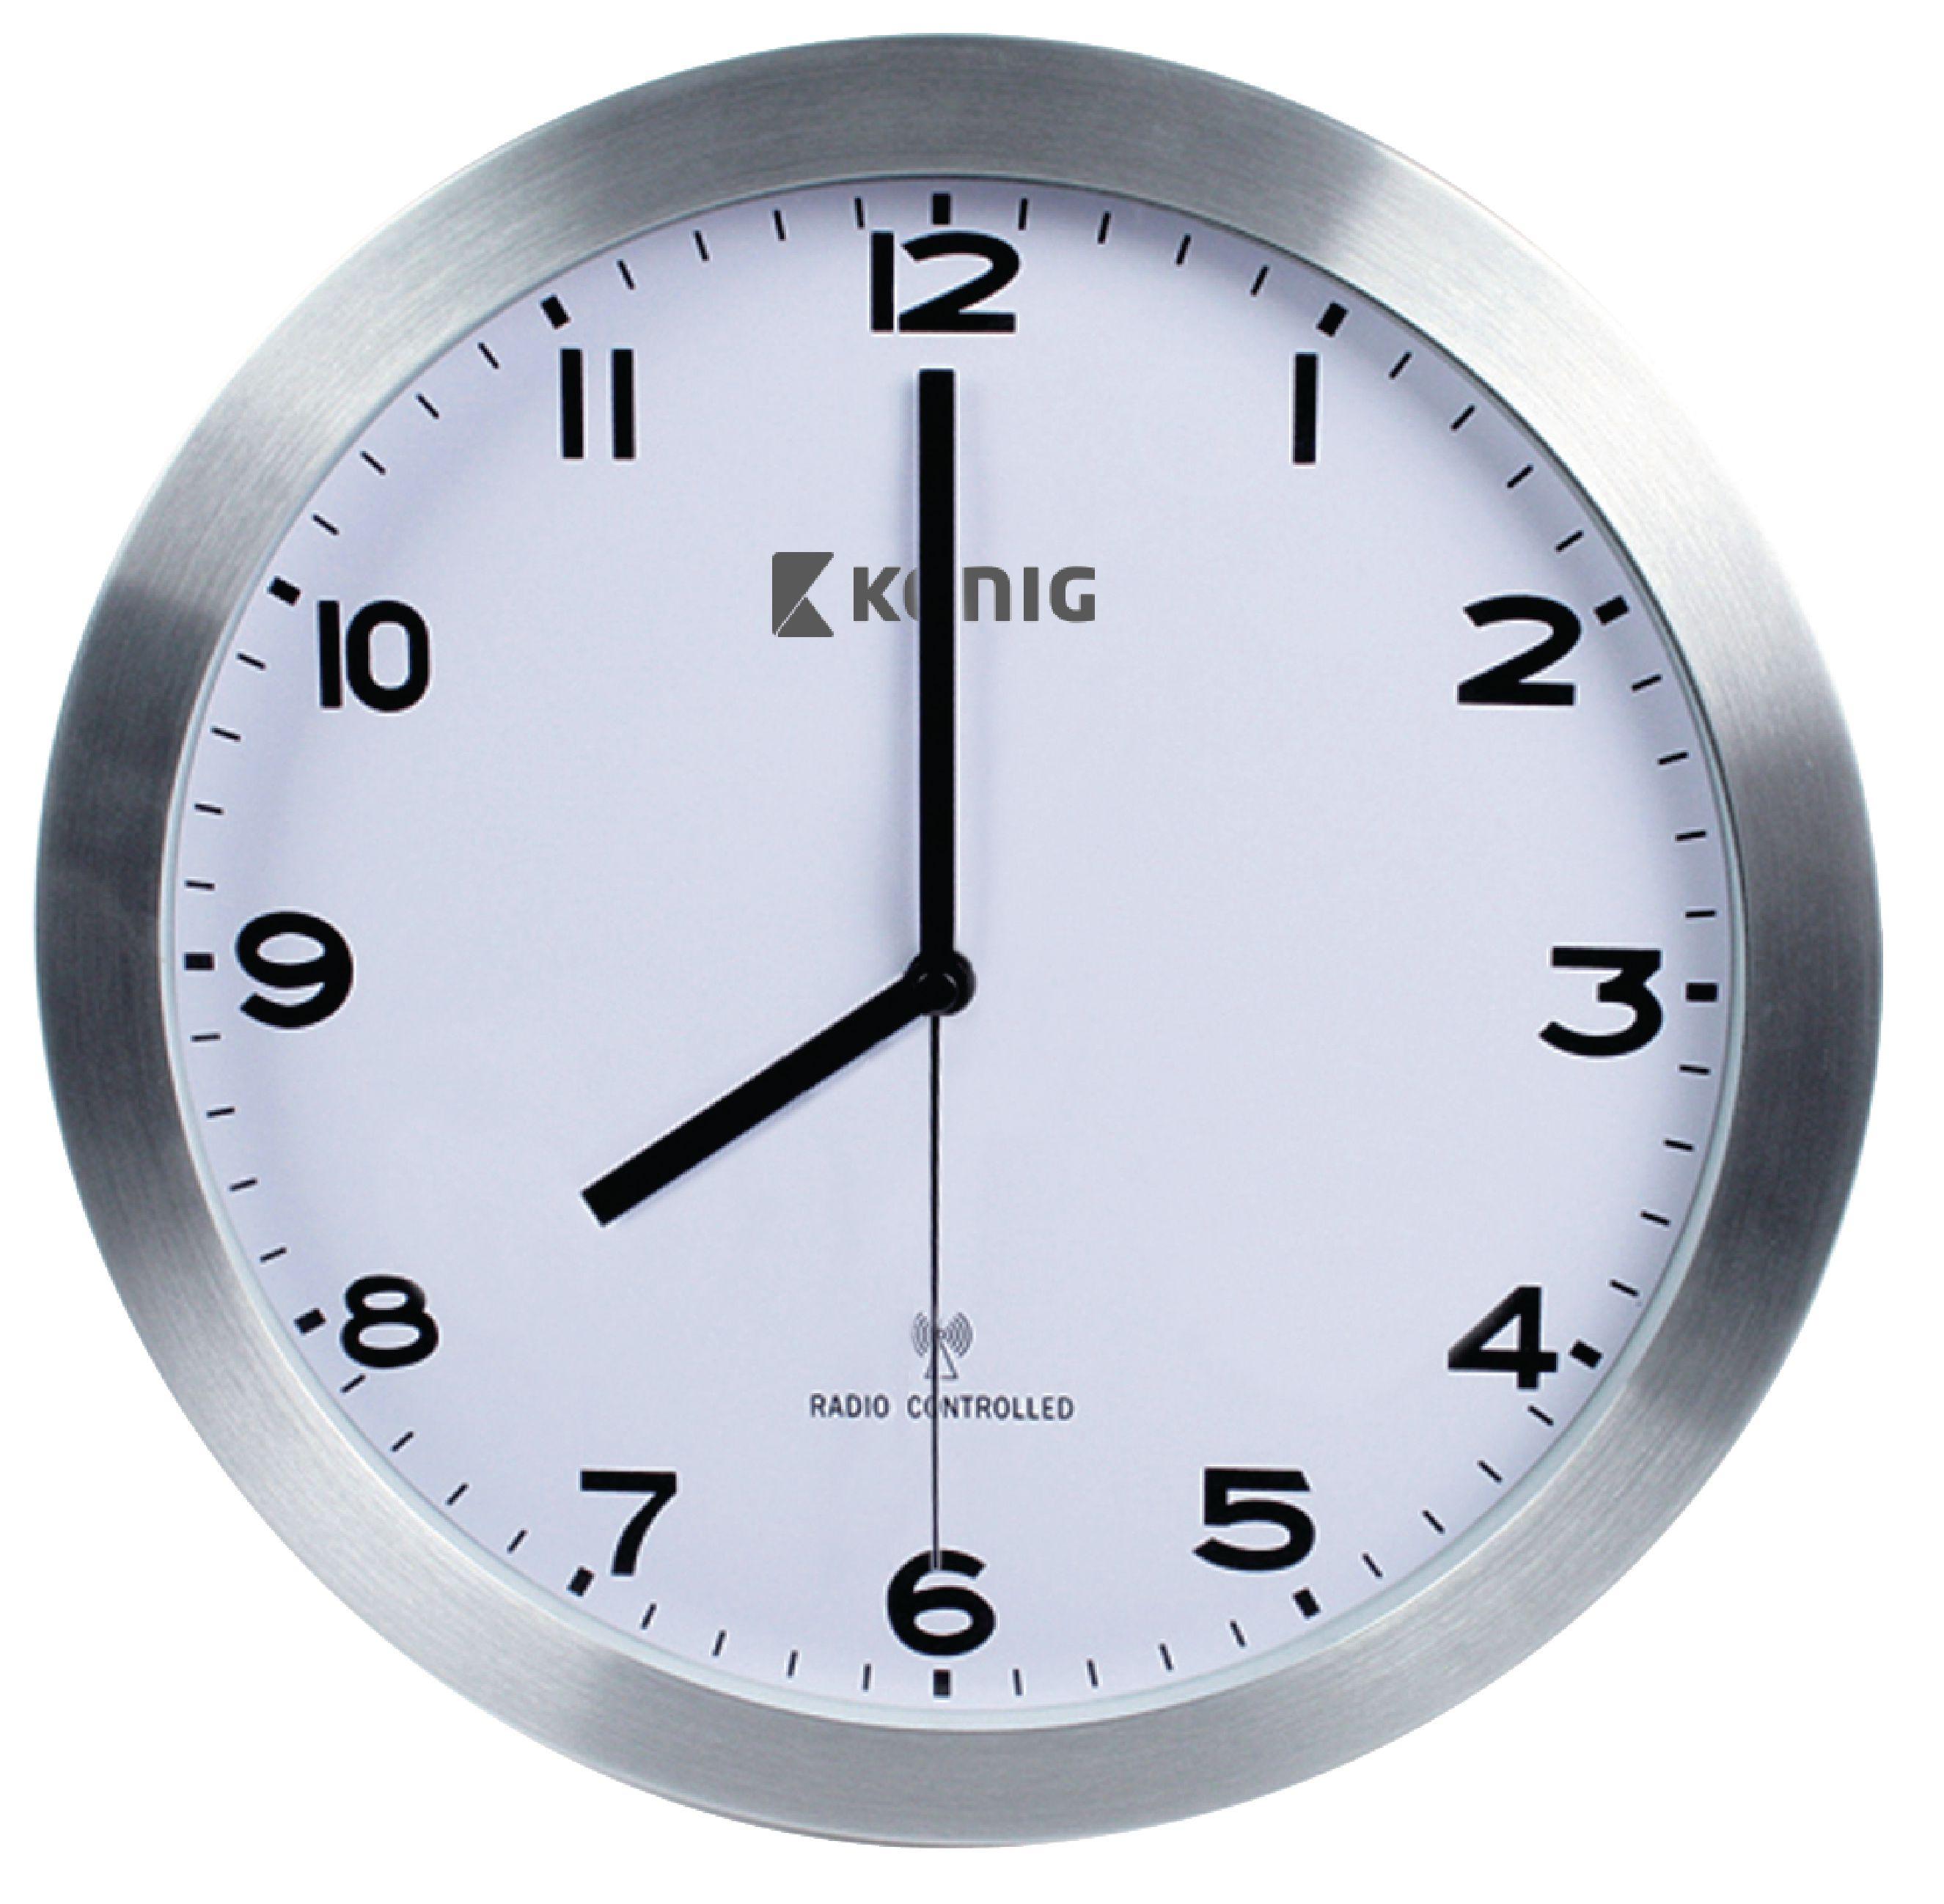 kn cl20n k nig horloge murale radio contr l e 30 cm analogiques argent blanc electronic. Black Bedroom Furniture Sets. Home Design Ideas